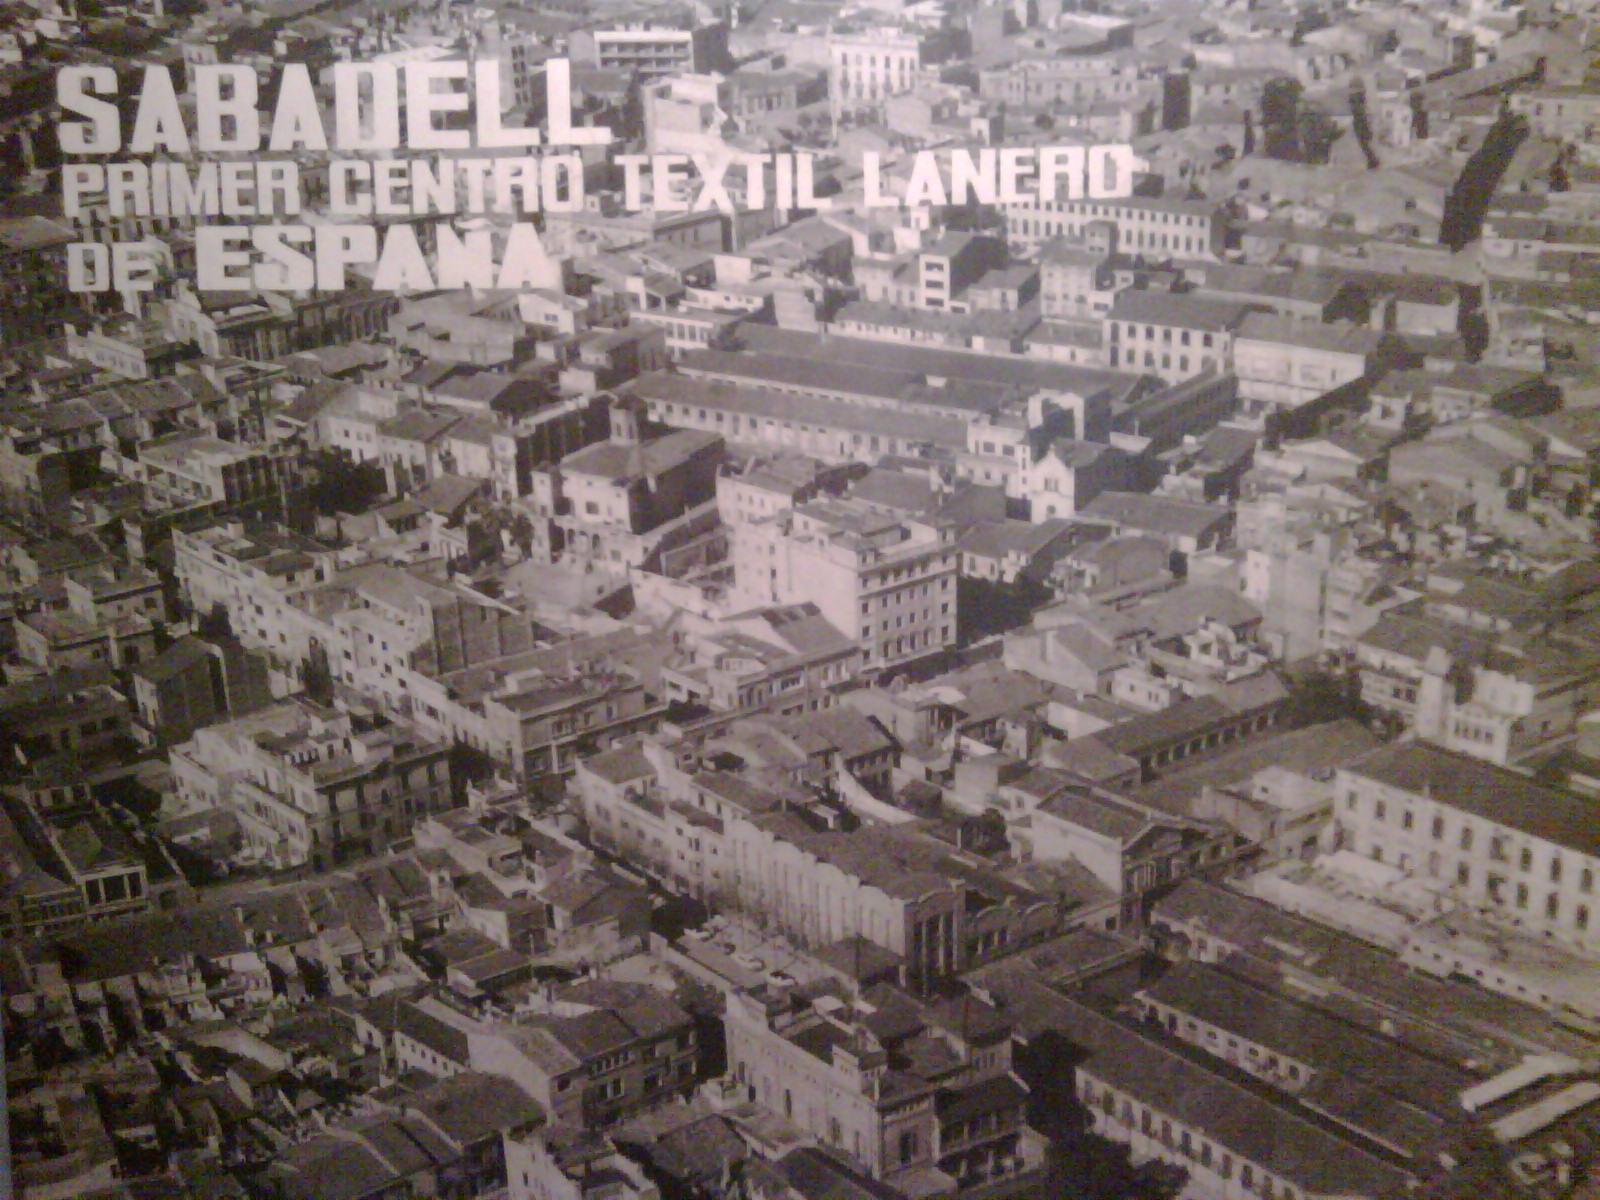 La exposici n made in sabadell una mirada al que fue el - Centro de sabadell ...